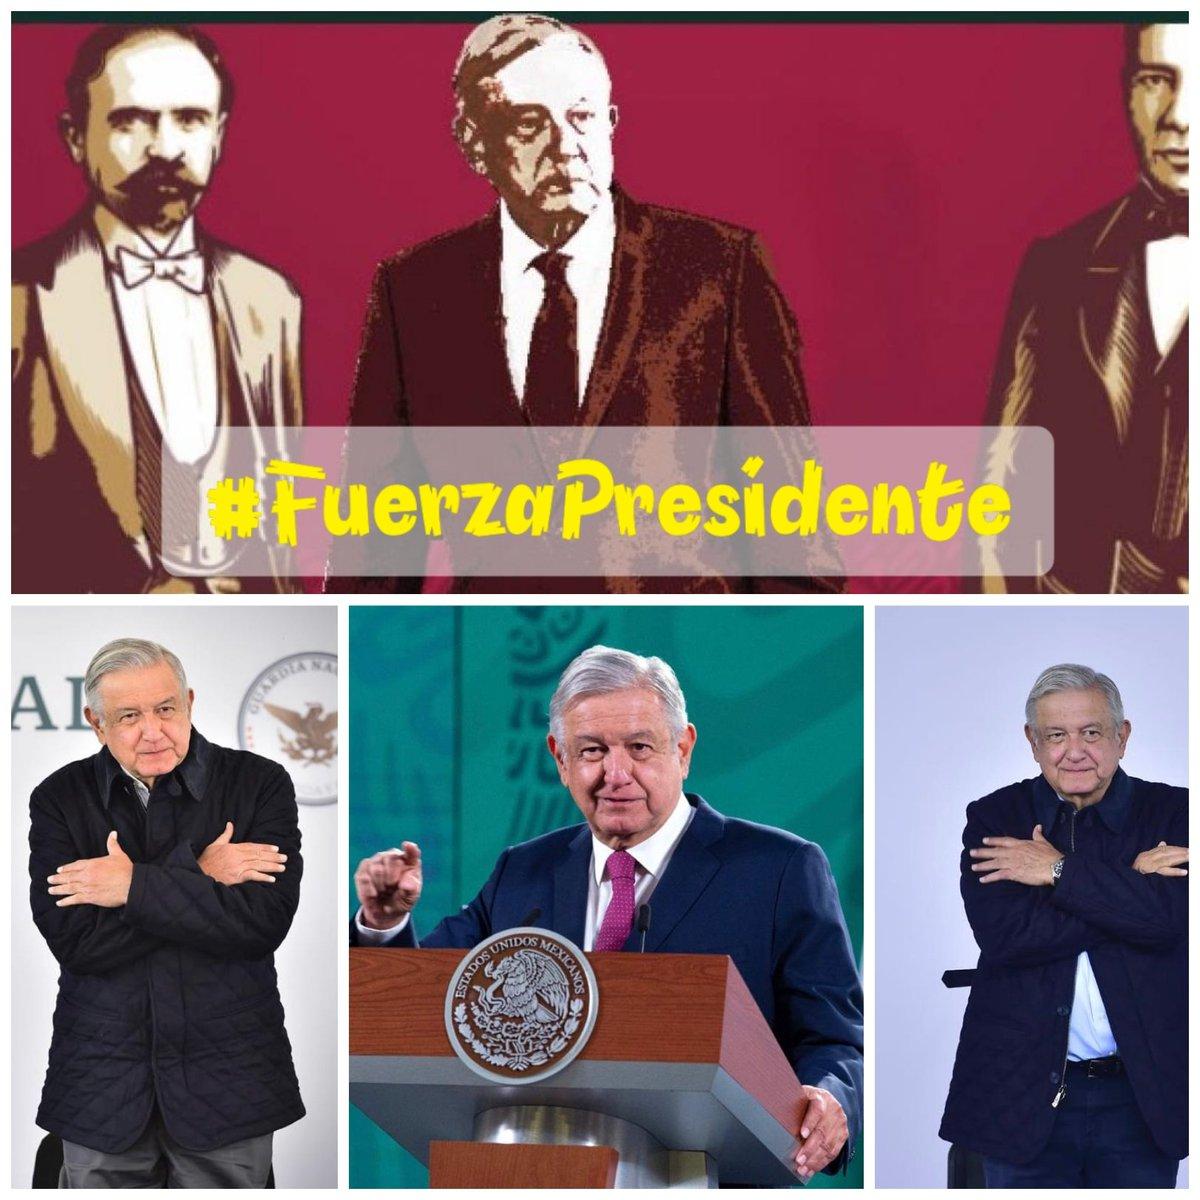 @Omarel44 X2 #FuerzaPresidente